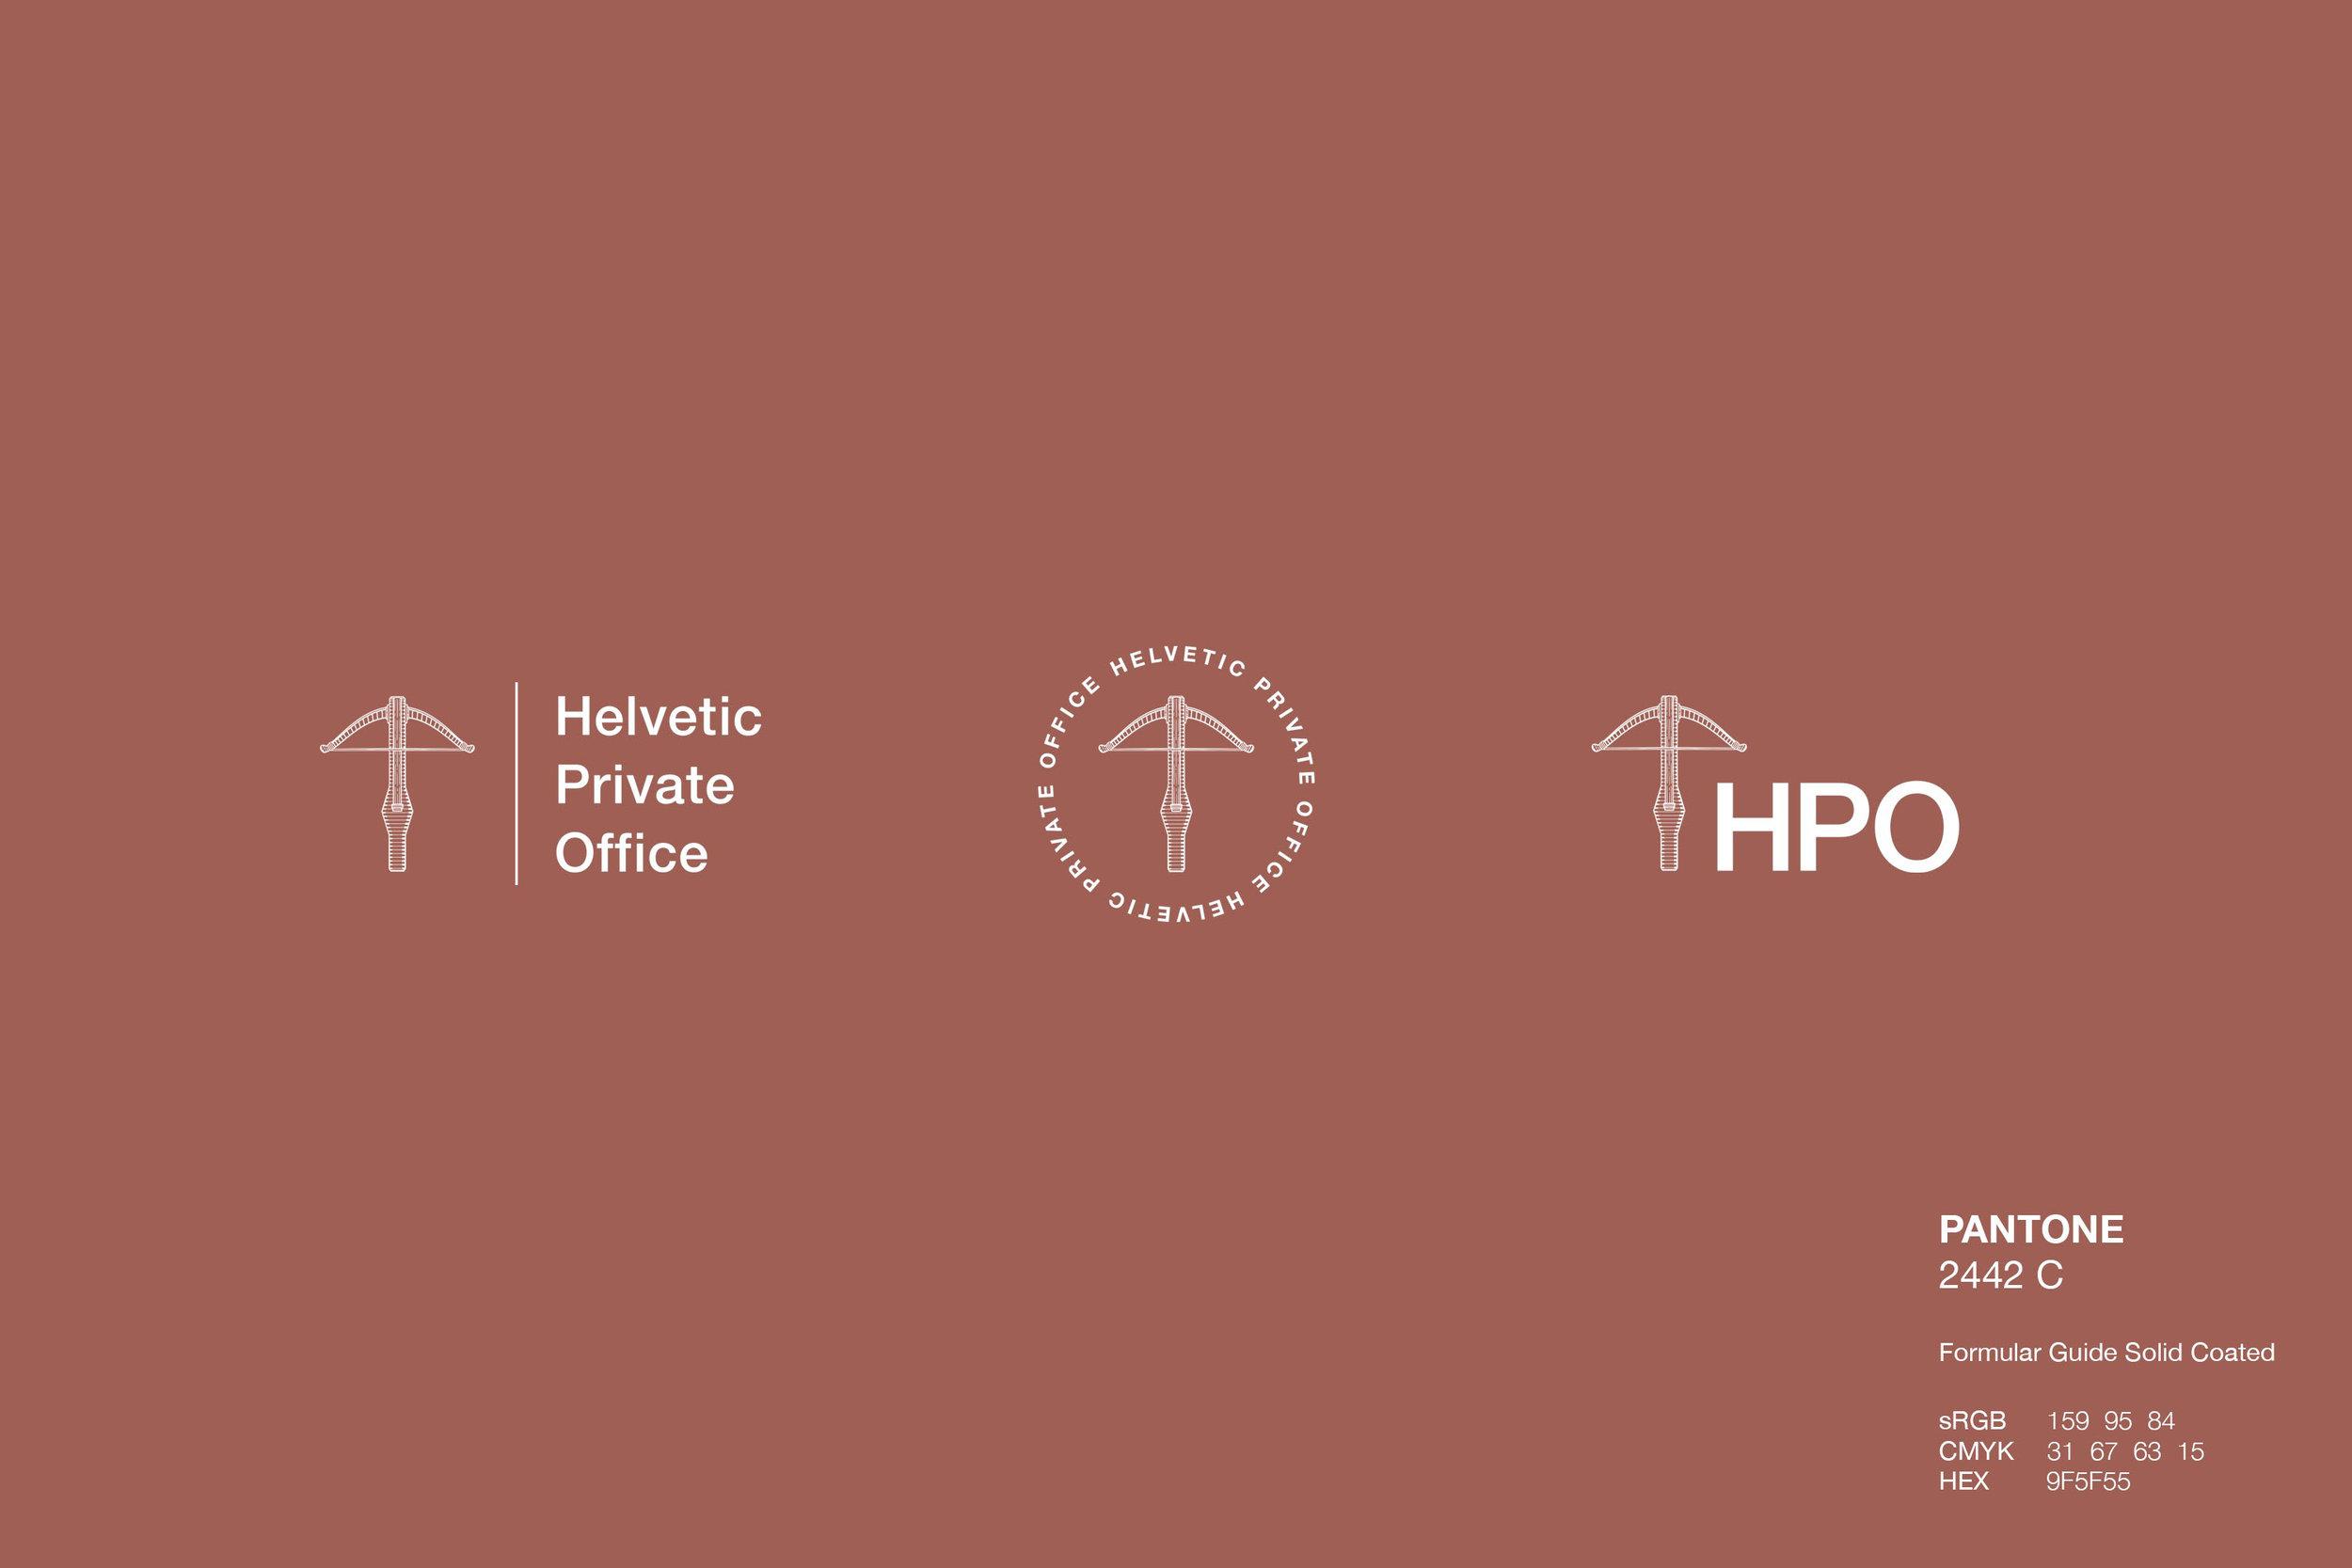 13.-hpo-identity-presentation.jpg